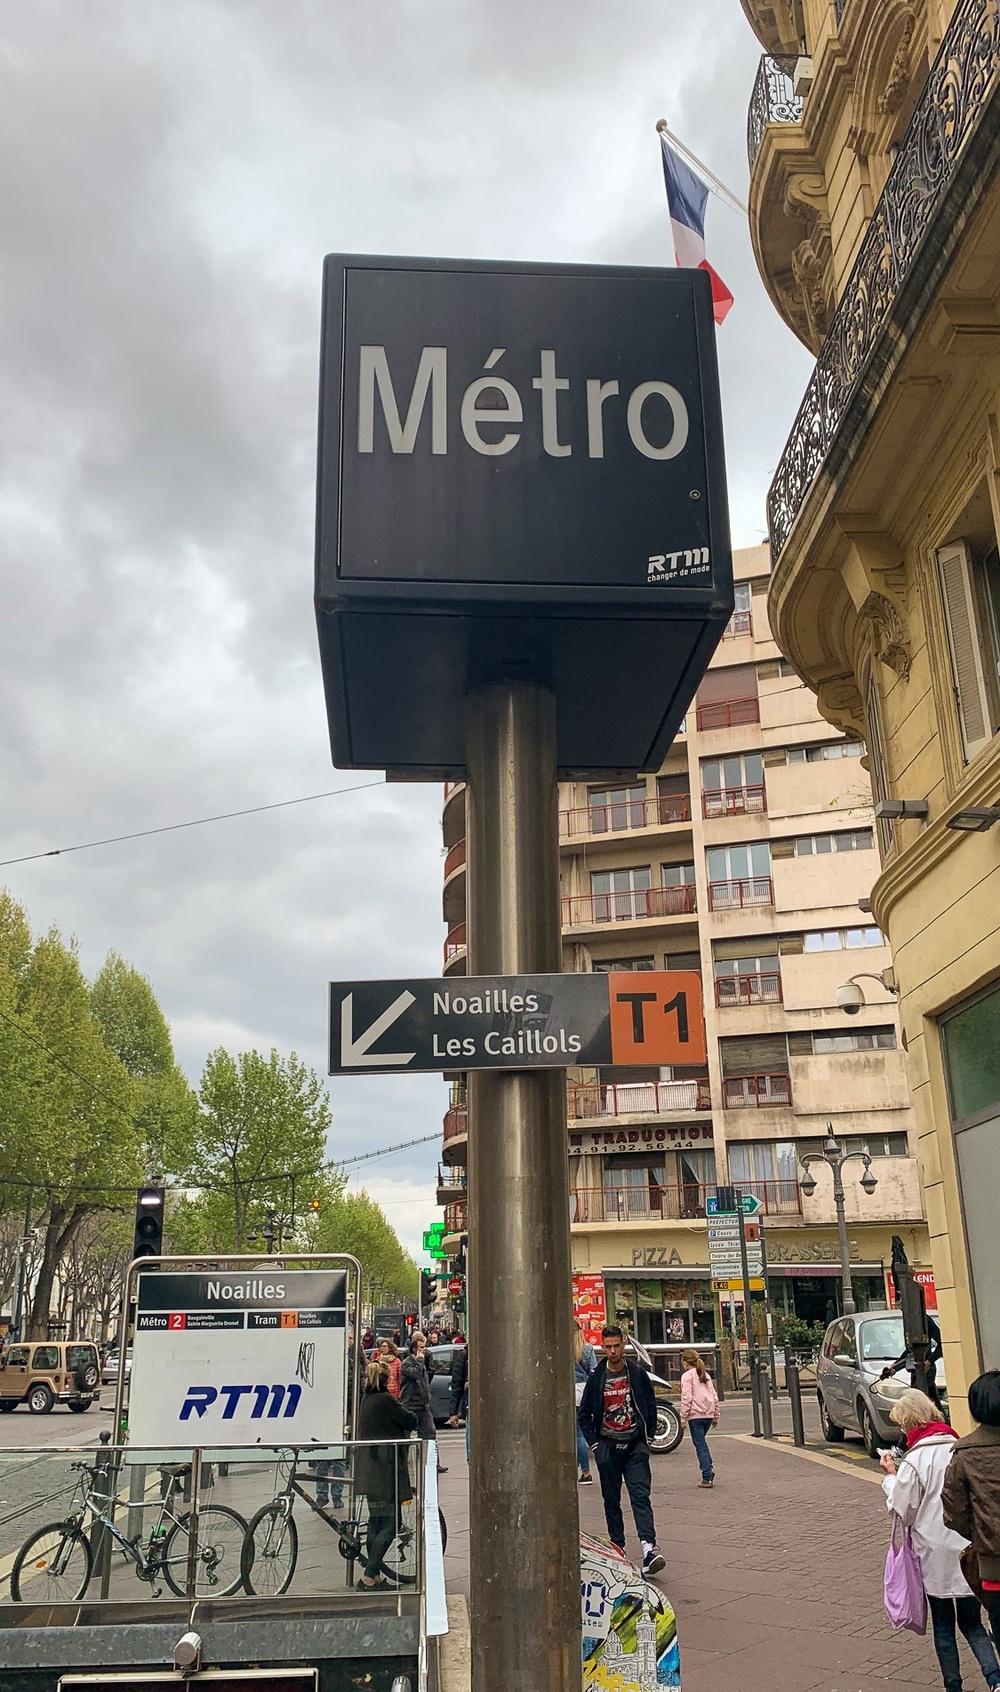 Bild på metroskylt med infoskylt om spårvägen som är svår att se.